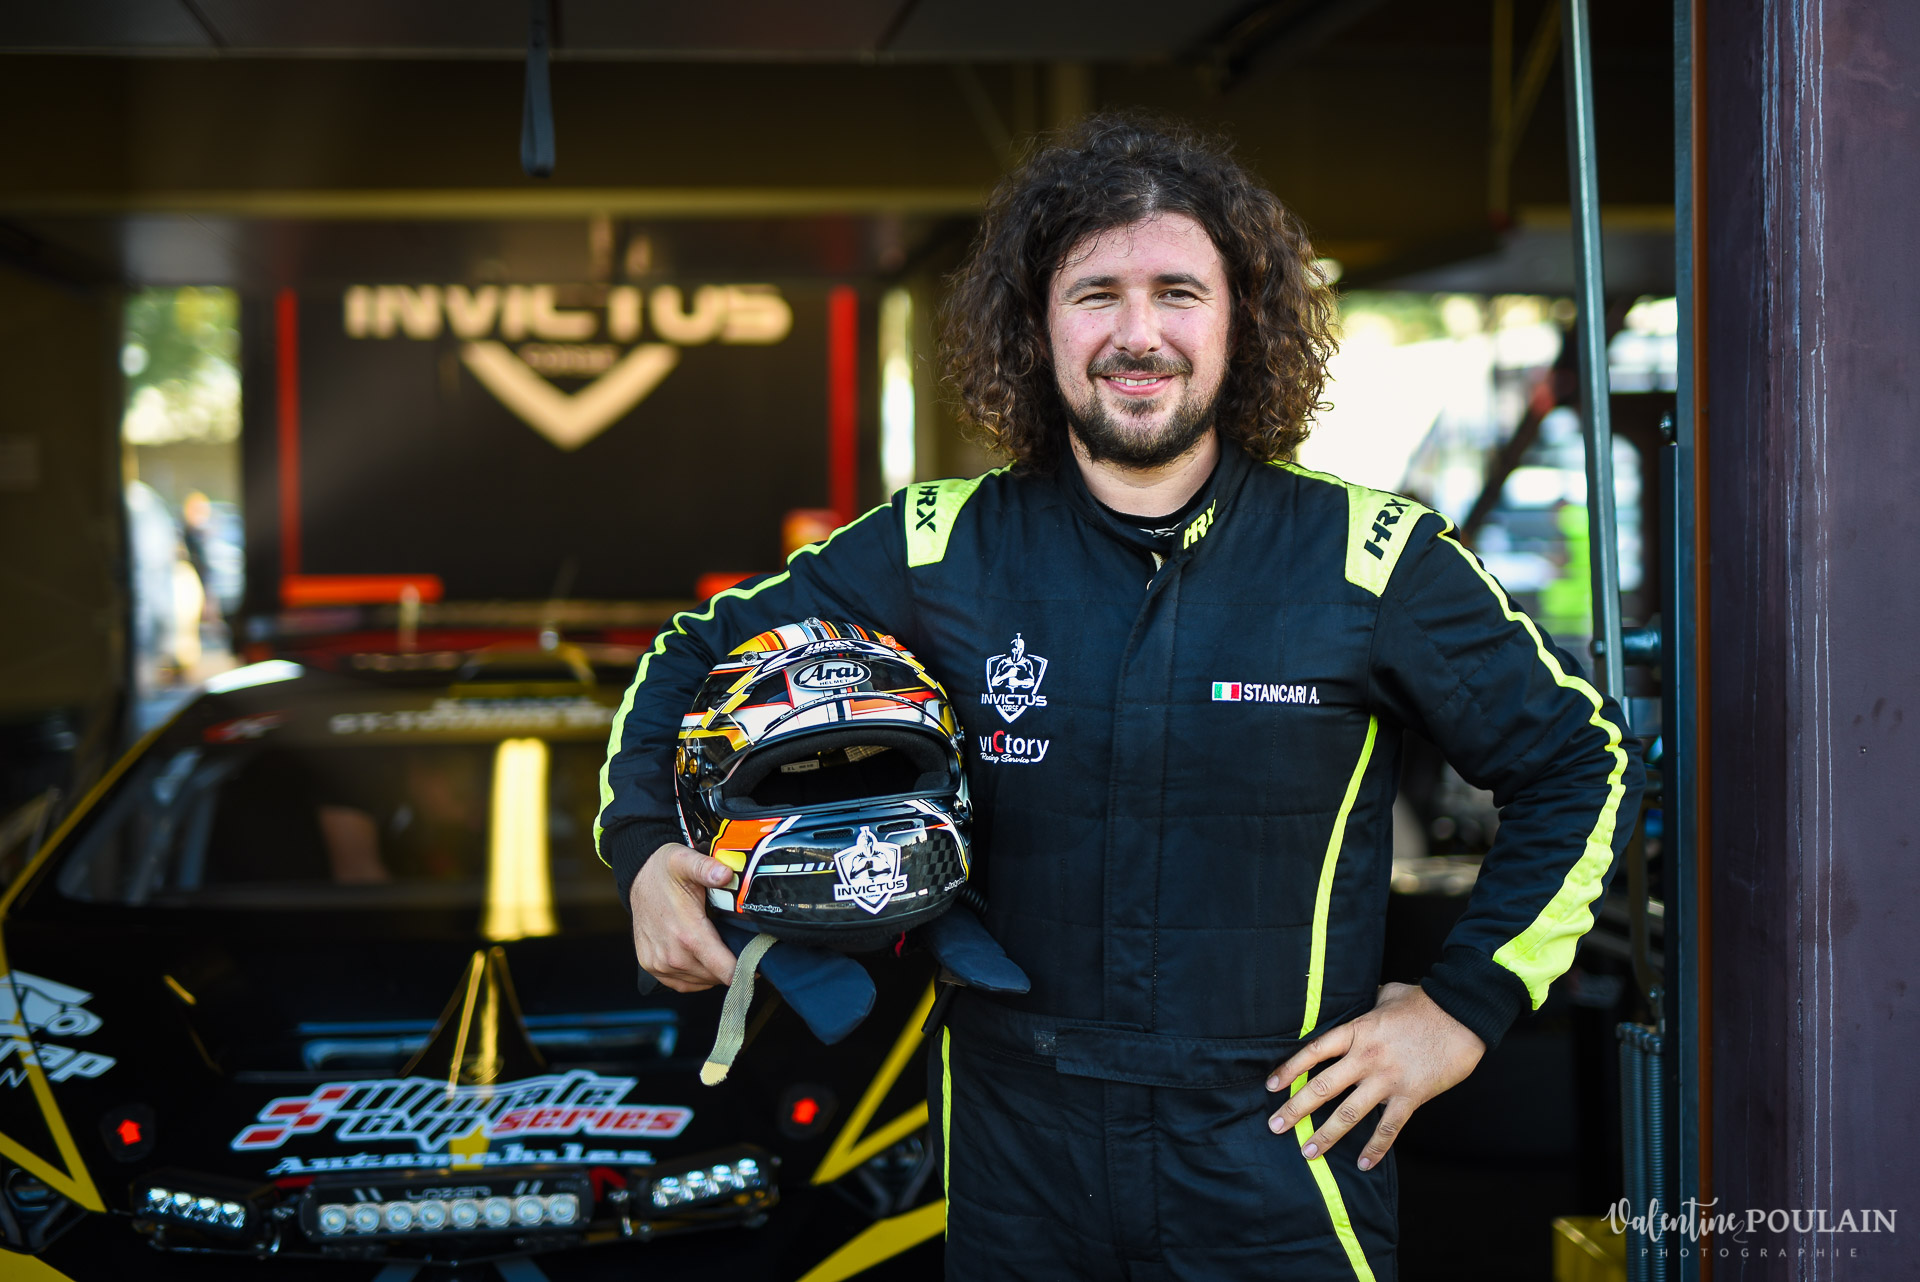 Alessandro Evenement sportif Bugatti Chiron pur sport -automobile_Valentine Poulain -